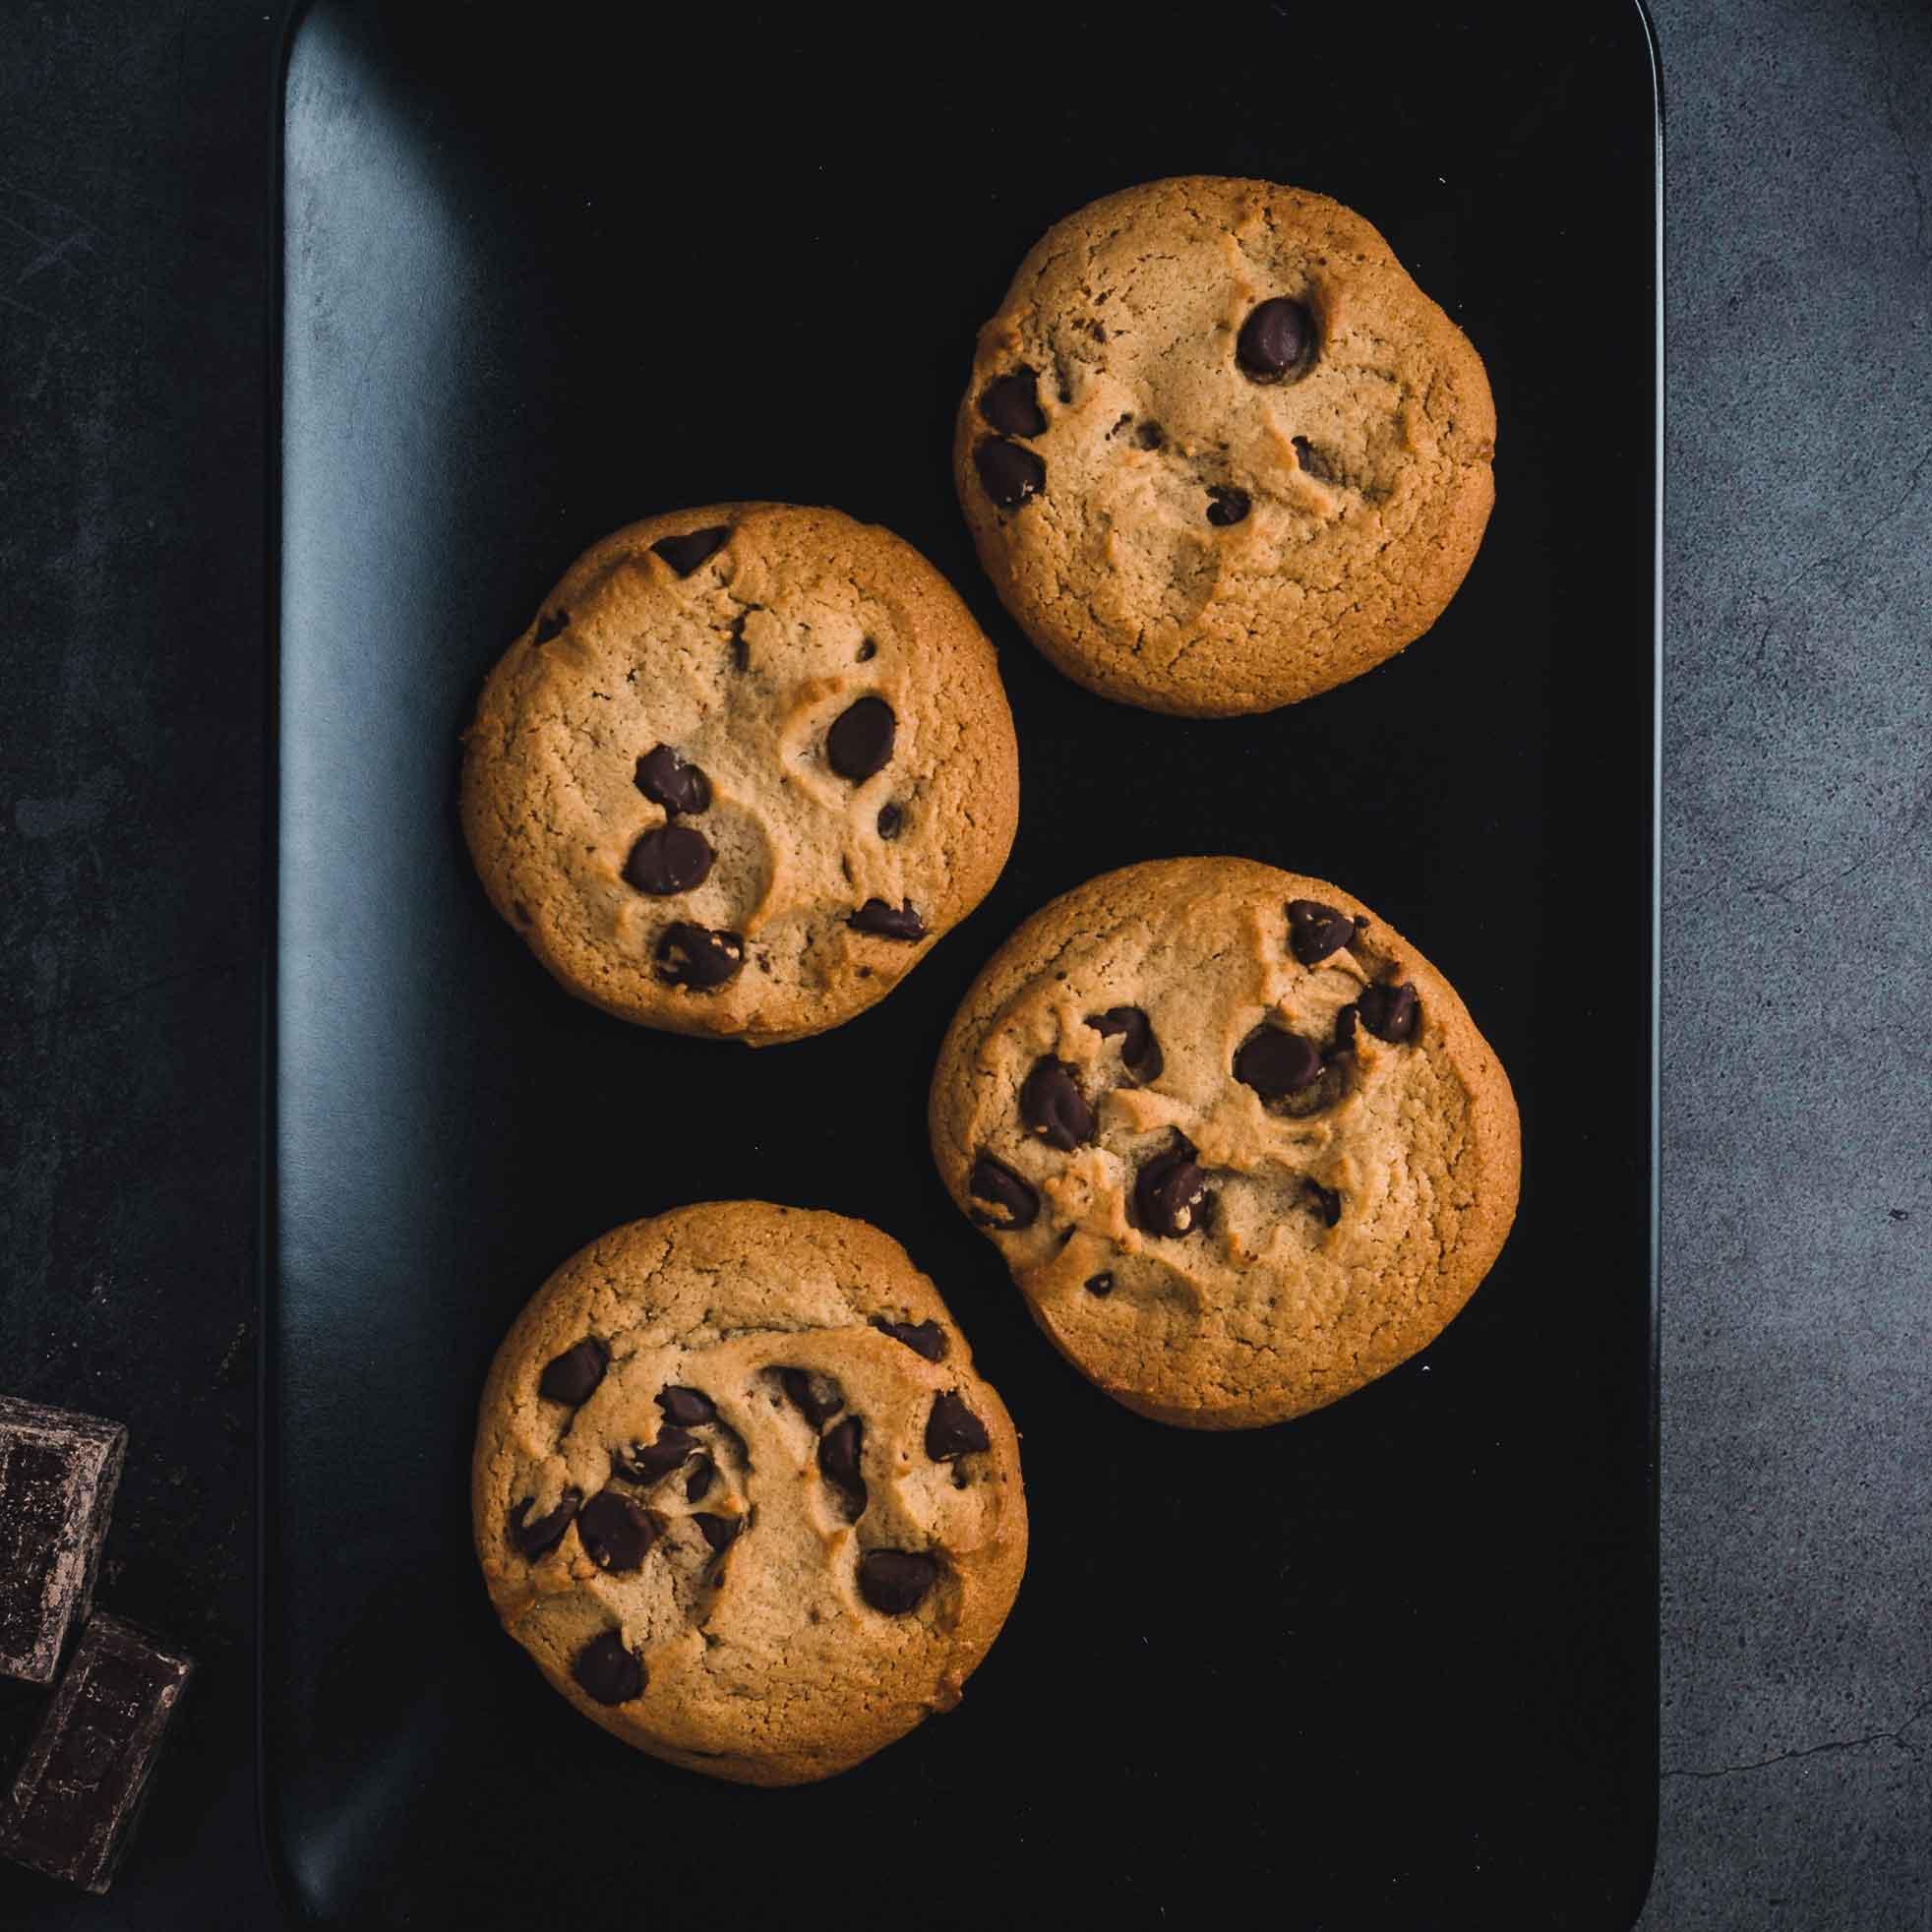 bakery-sample-8